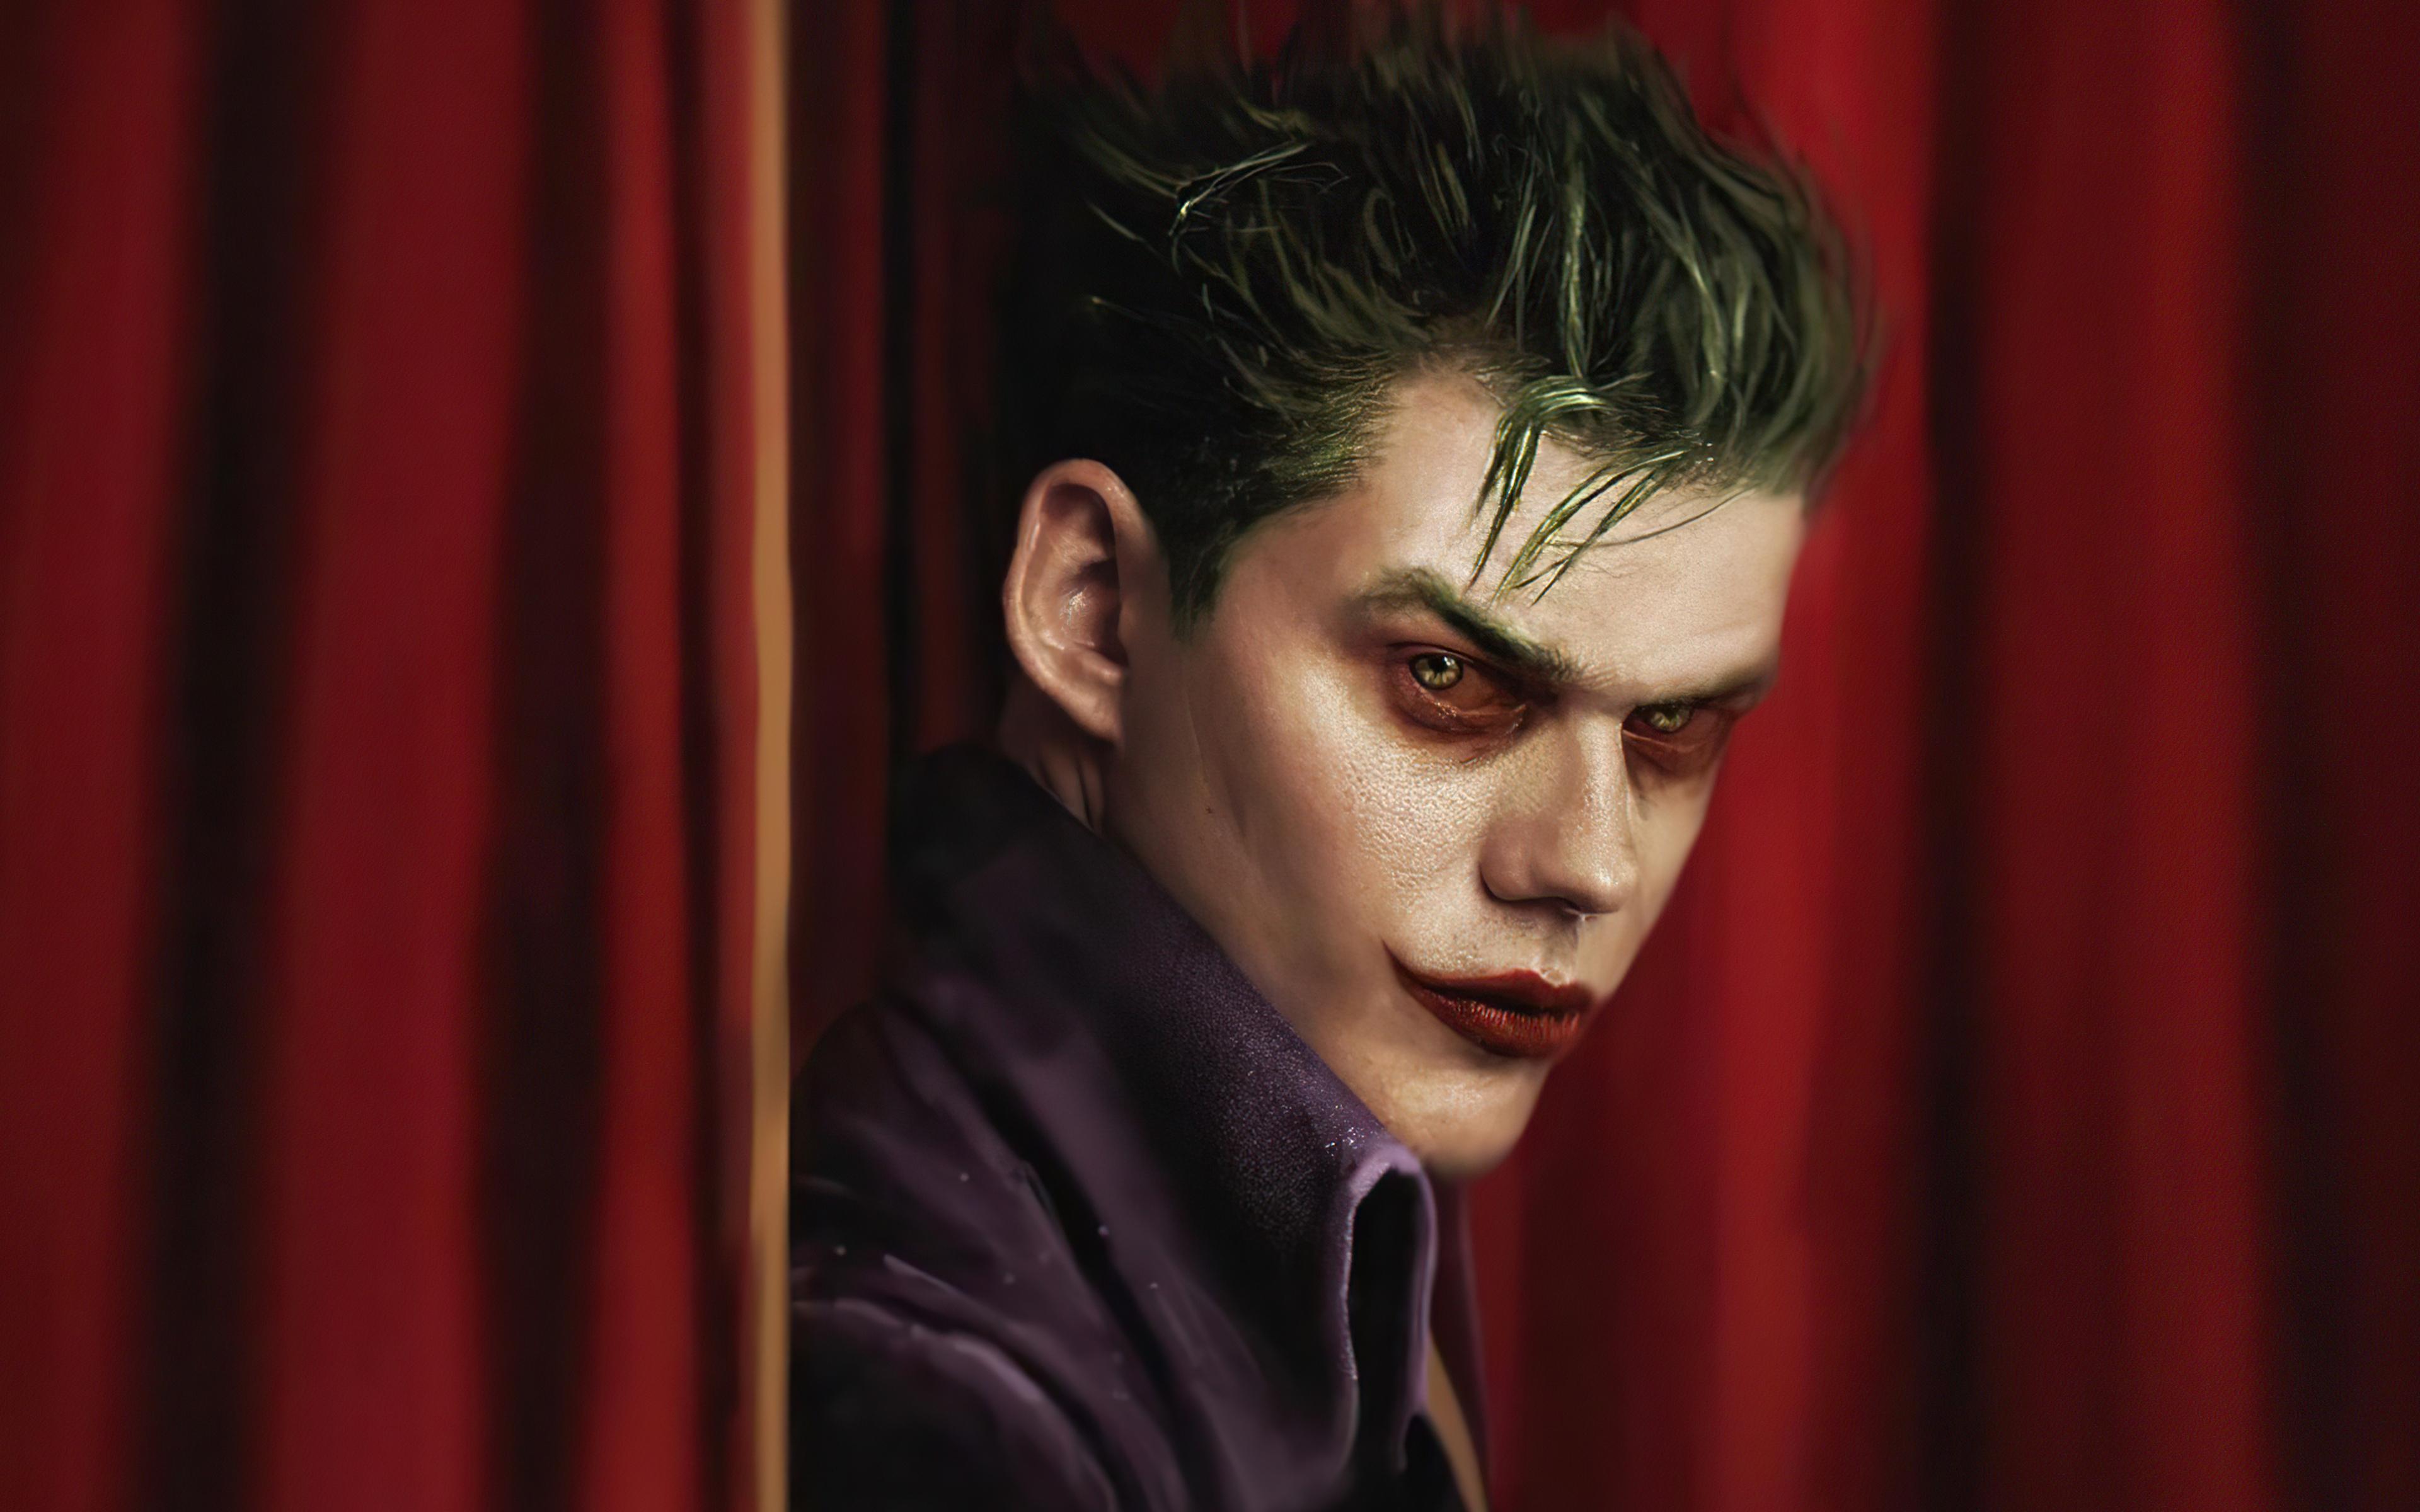 joker-cosplay-style-4k-7i.jpg